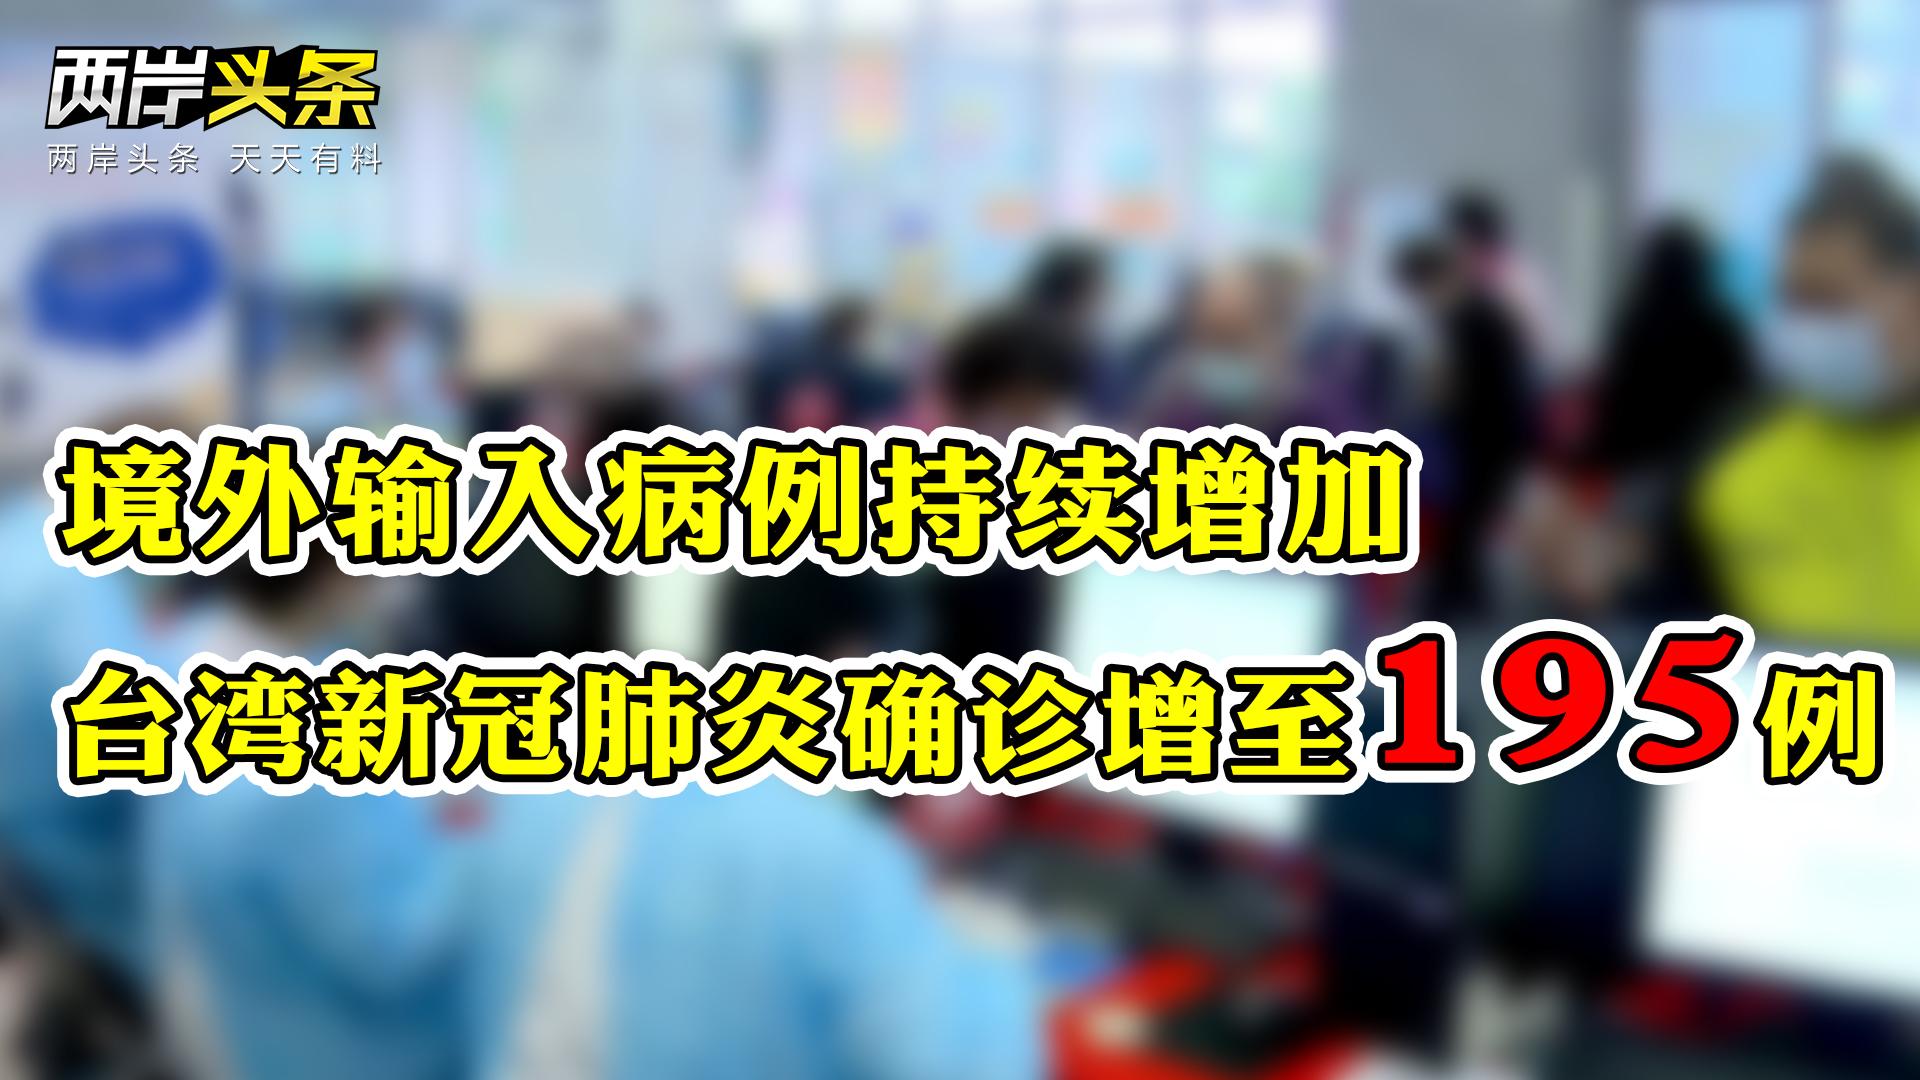 逼近200例臺灣新冠肺炎確診病例達到195例圖片